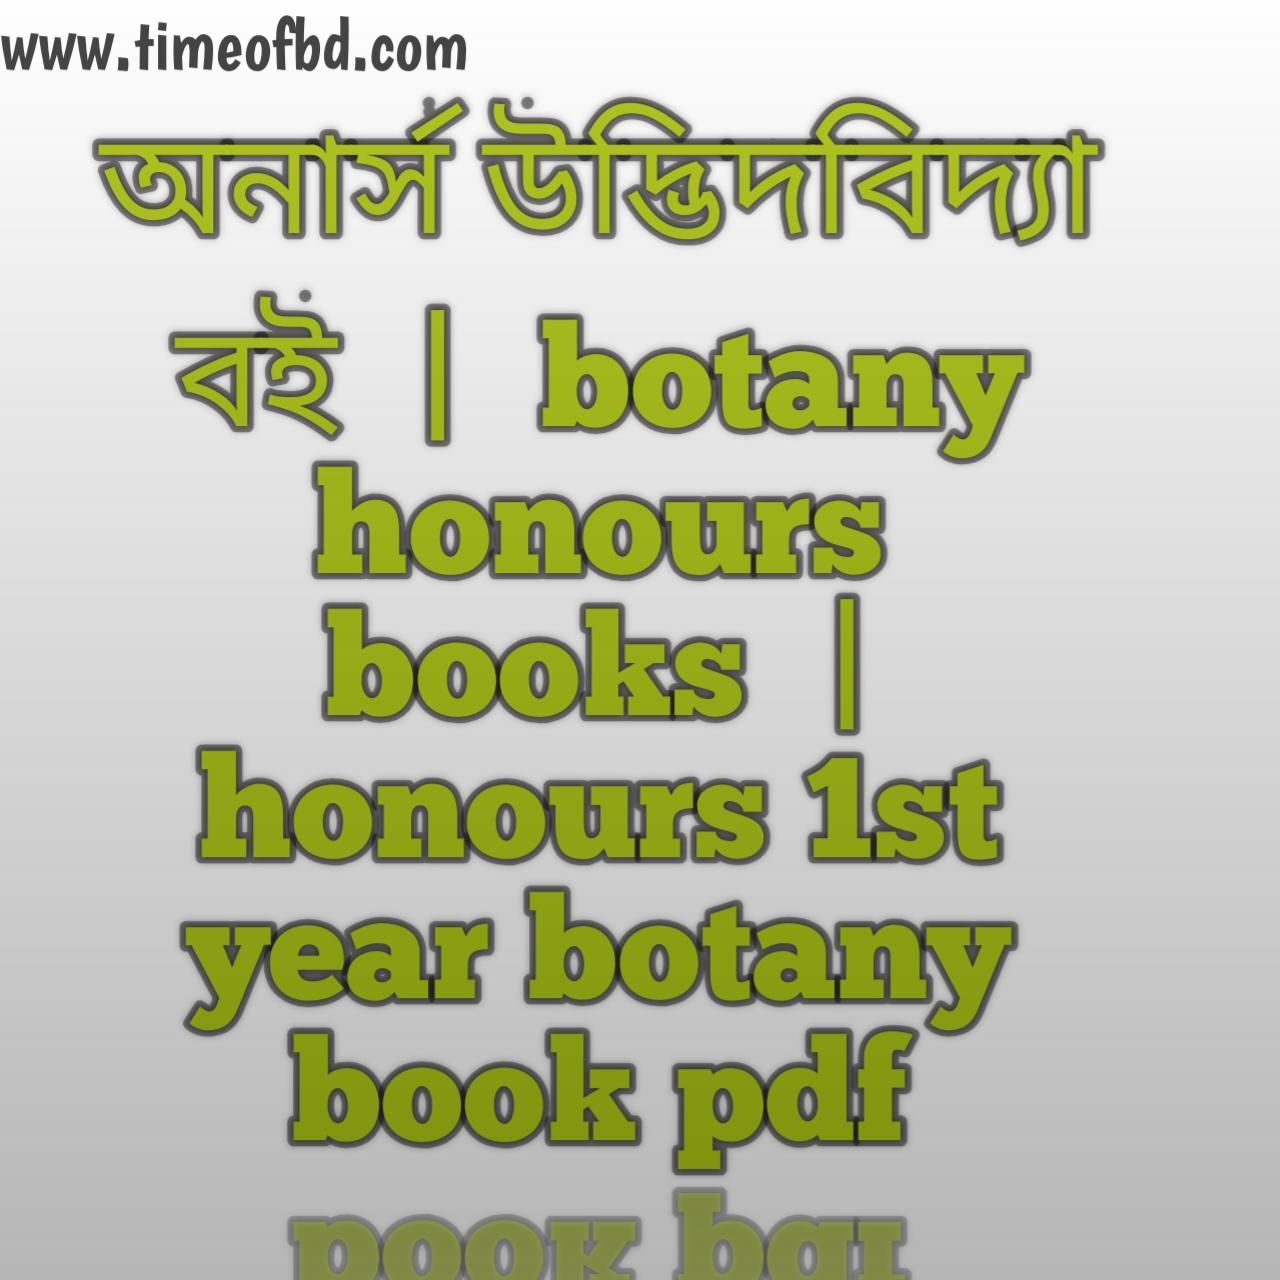 অনার্স উদ্ভিদবিদ্যা বই, botany honours books, অনার্স উদ্ভিদবিদ্যা বই pdf, botany honours books pdf, অনার্স উদ্ভিদবিদ্যা বিভাগ , honours 1st year botany book pdf, অনার্স দ্বিতীয় বর্ষের উদ্ভিদবিদ্যা বই pdf, honours 2nd year botany book list, অনার্স দ্বিতীয় বর্ষের উদ্ভিদবিদ্যা বই, botany honours practical book, অনার্স প্রথম বর্ষ উদ্ভিদবিদ্যা বই, honours 1st year botany book, উদ্ভিদবিদ্যা অনার্স প্রথম বর্ষ, honours 1st year botany book list, উদ্ভিদবিদ্যা অনার্স তৃতীয় বর্ষ, best book for botany honours, অনার্স তৃতীয় বর্ষের বই উদ্ভিদবিদ্যা pdf, অনার্স তৃতীয় বর্ষের বই উদ্ভিদবিদ্যা